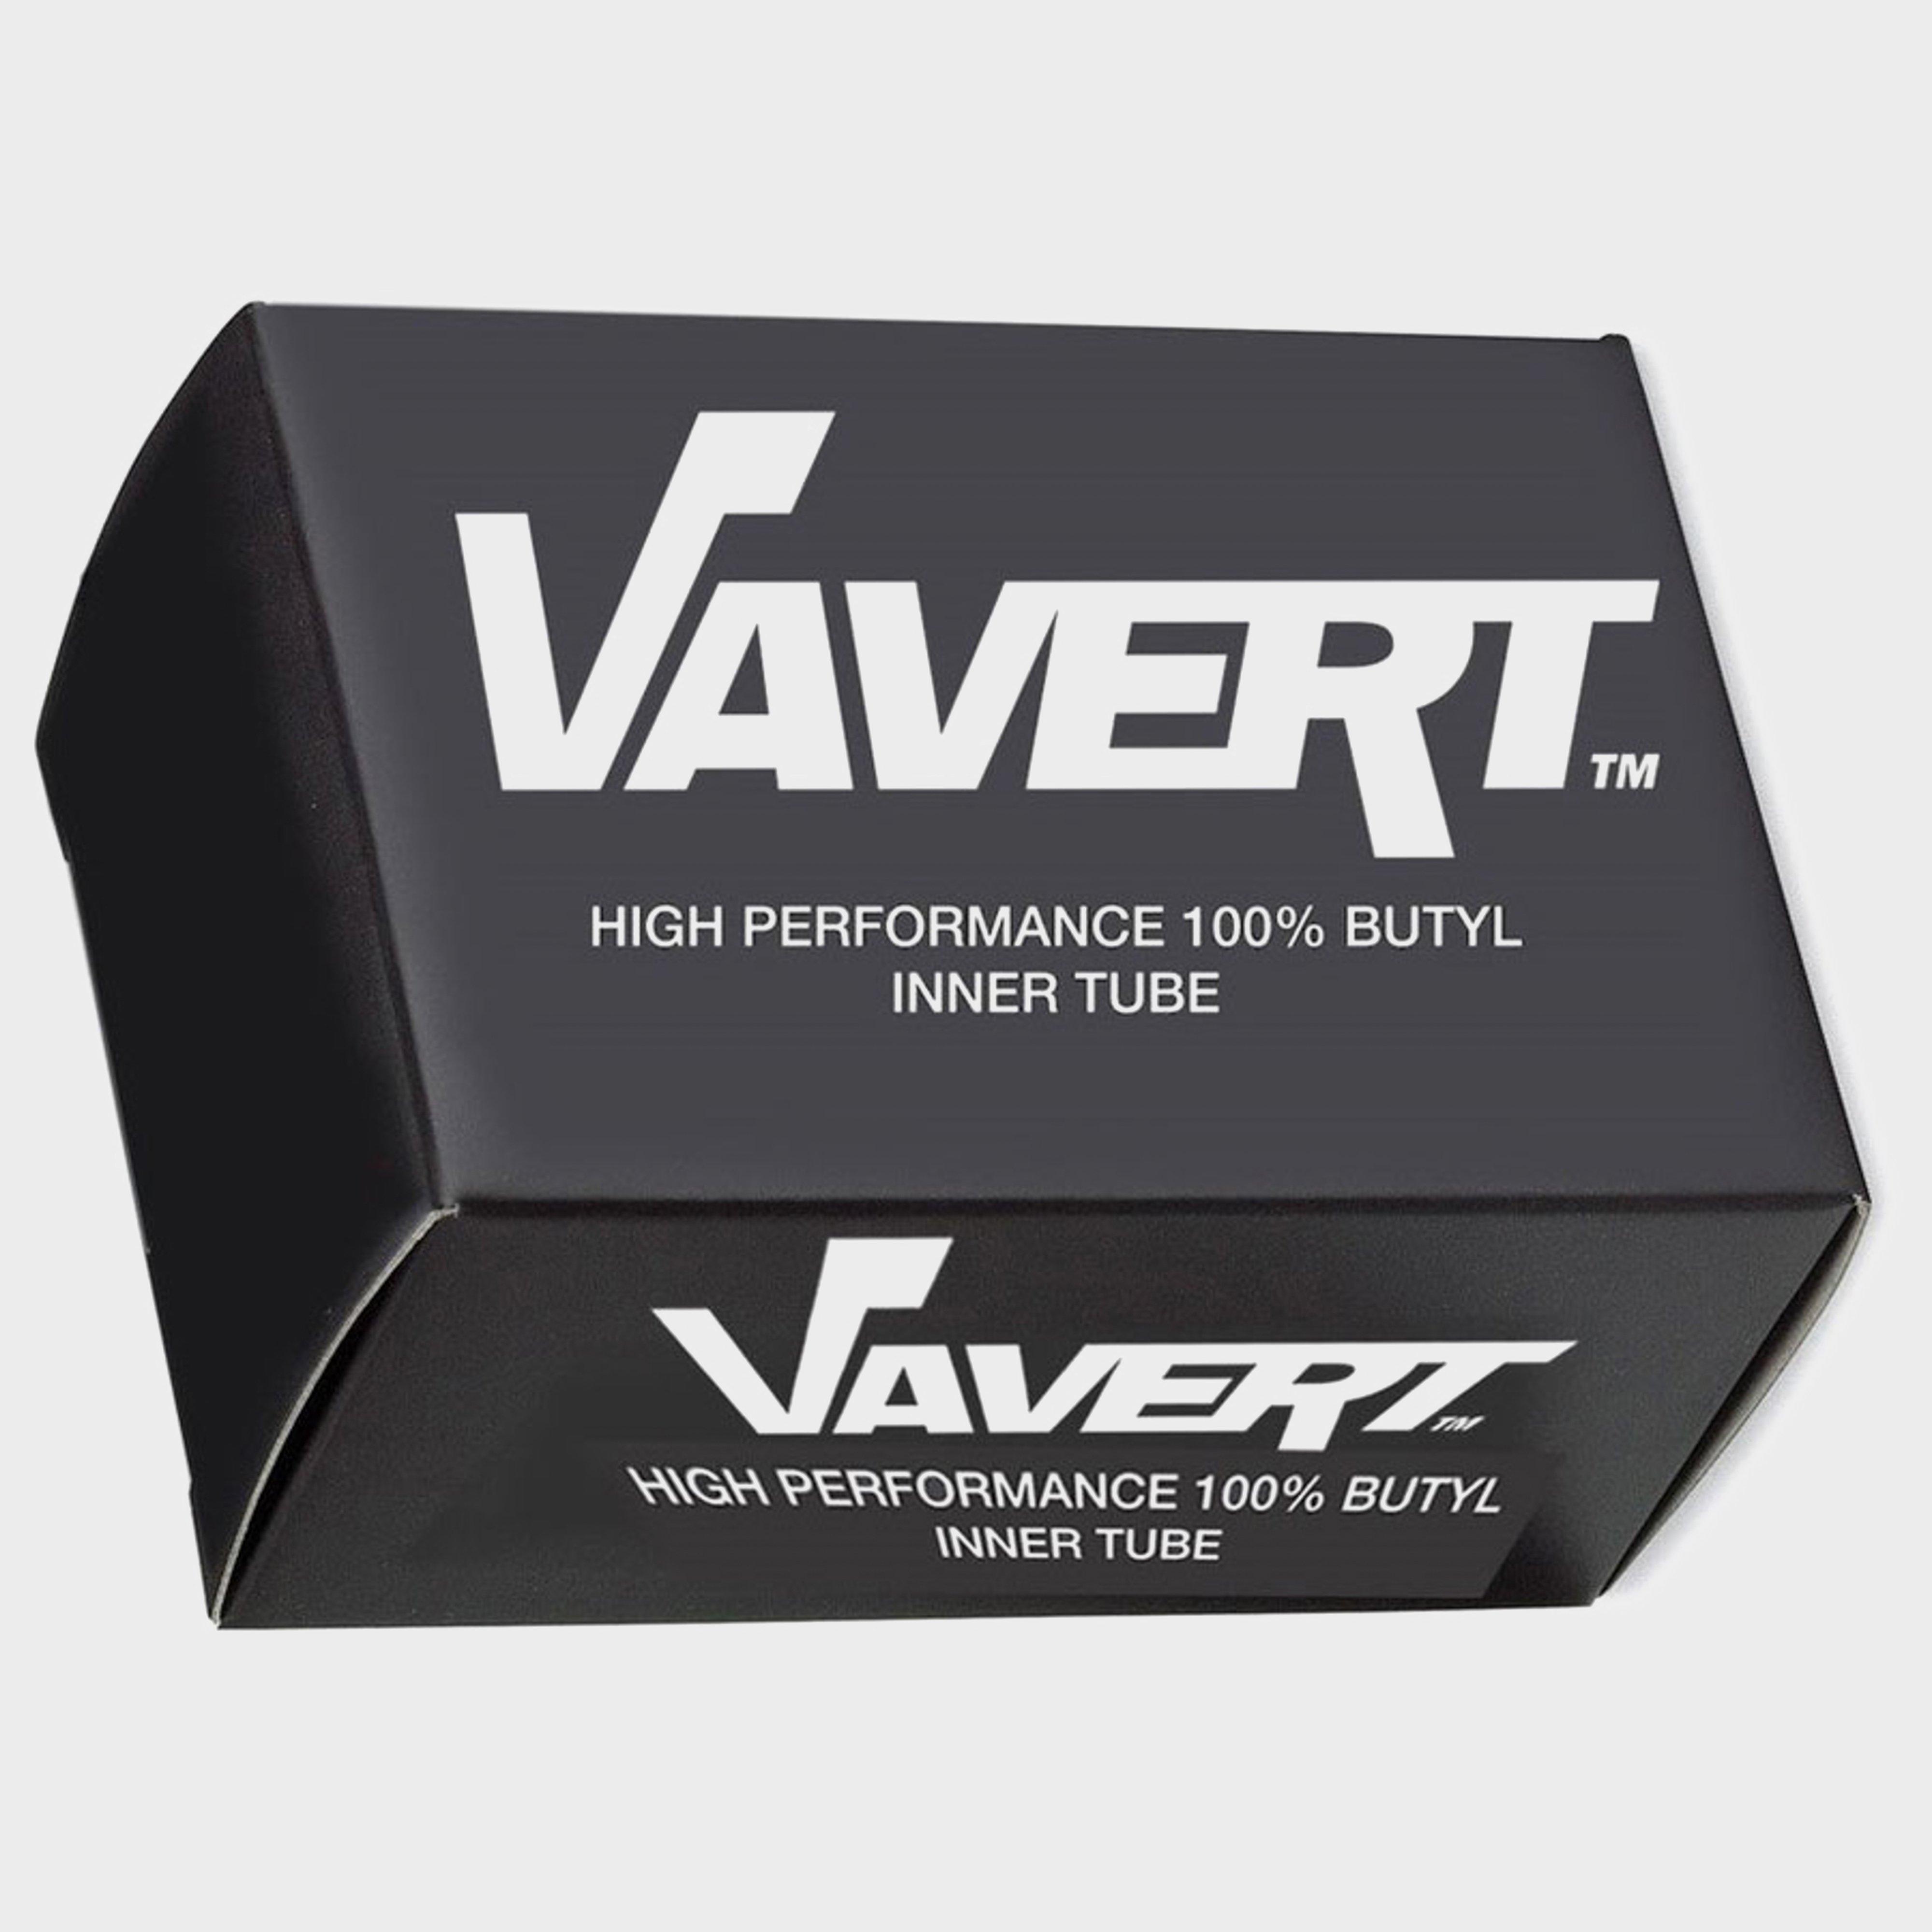 Vavert 14 X 1.75 X 1.95 - Black/schrader  Black/schrader